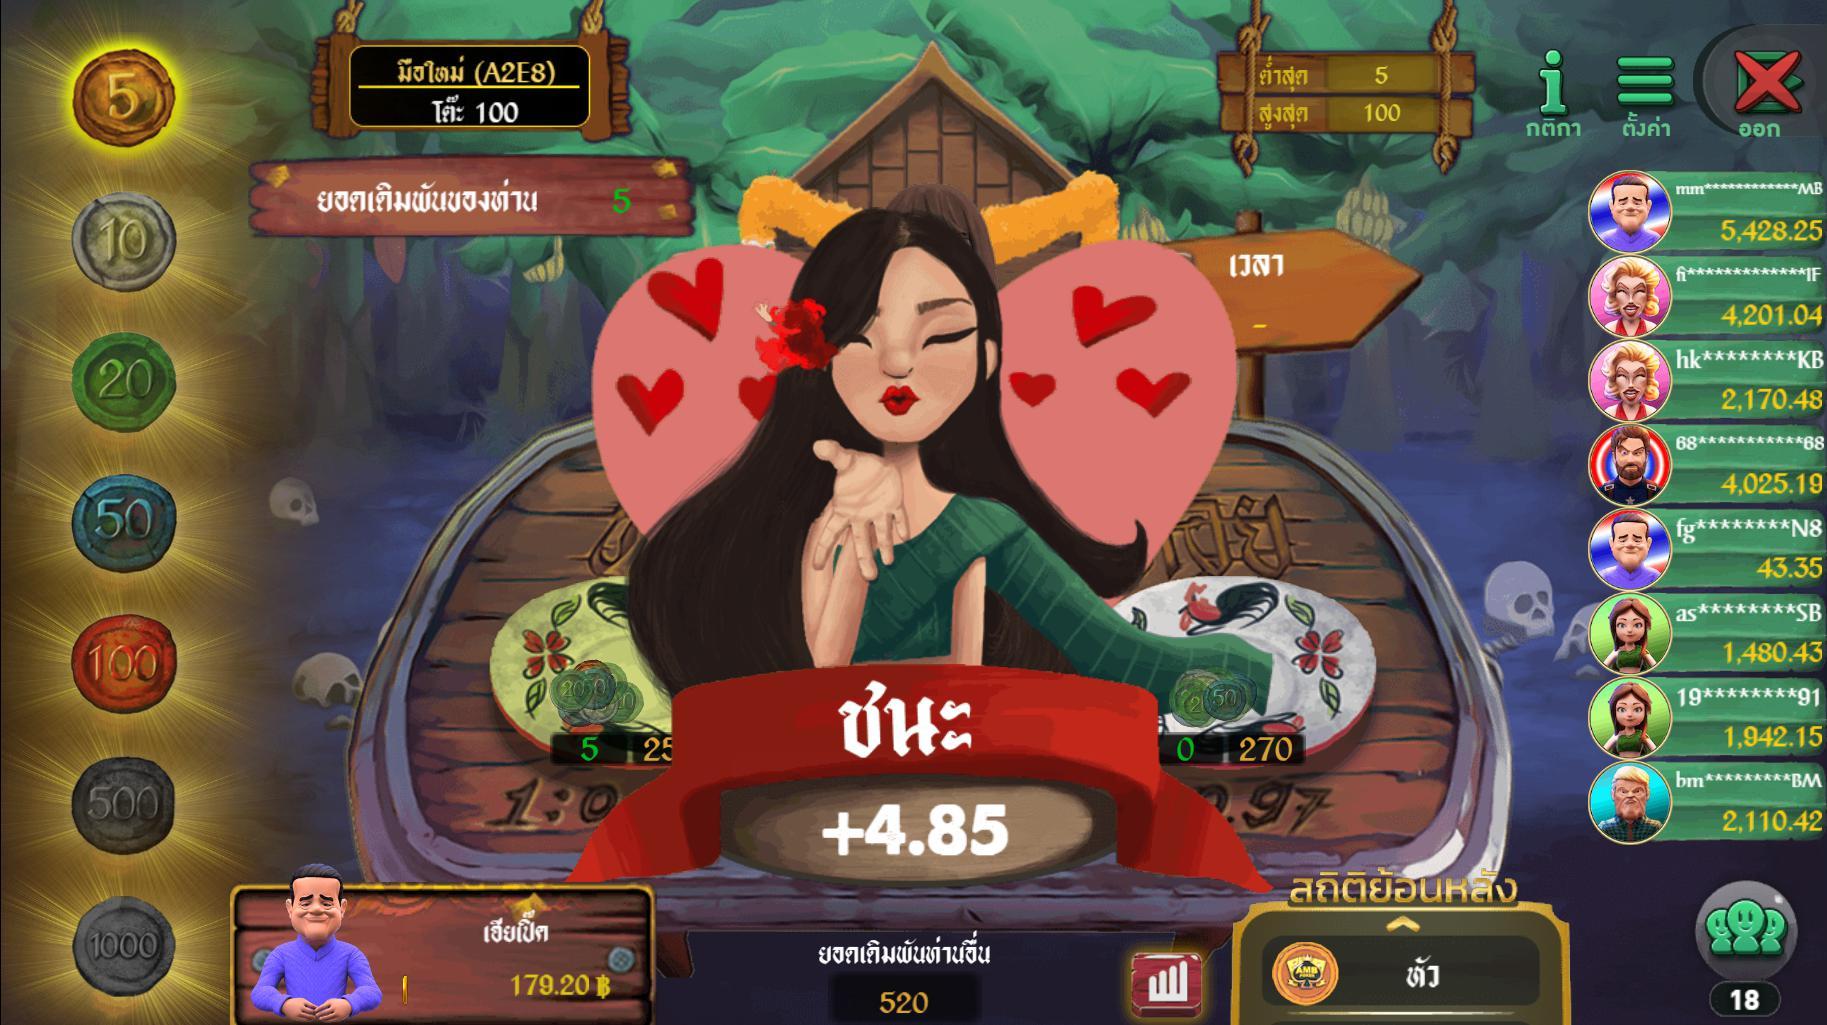 play gameheadortail9